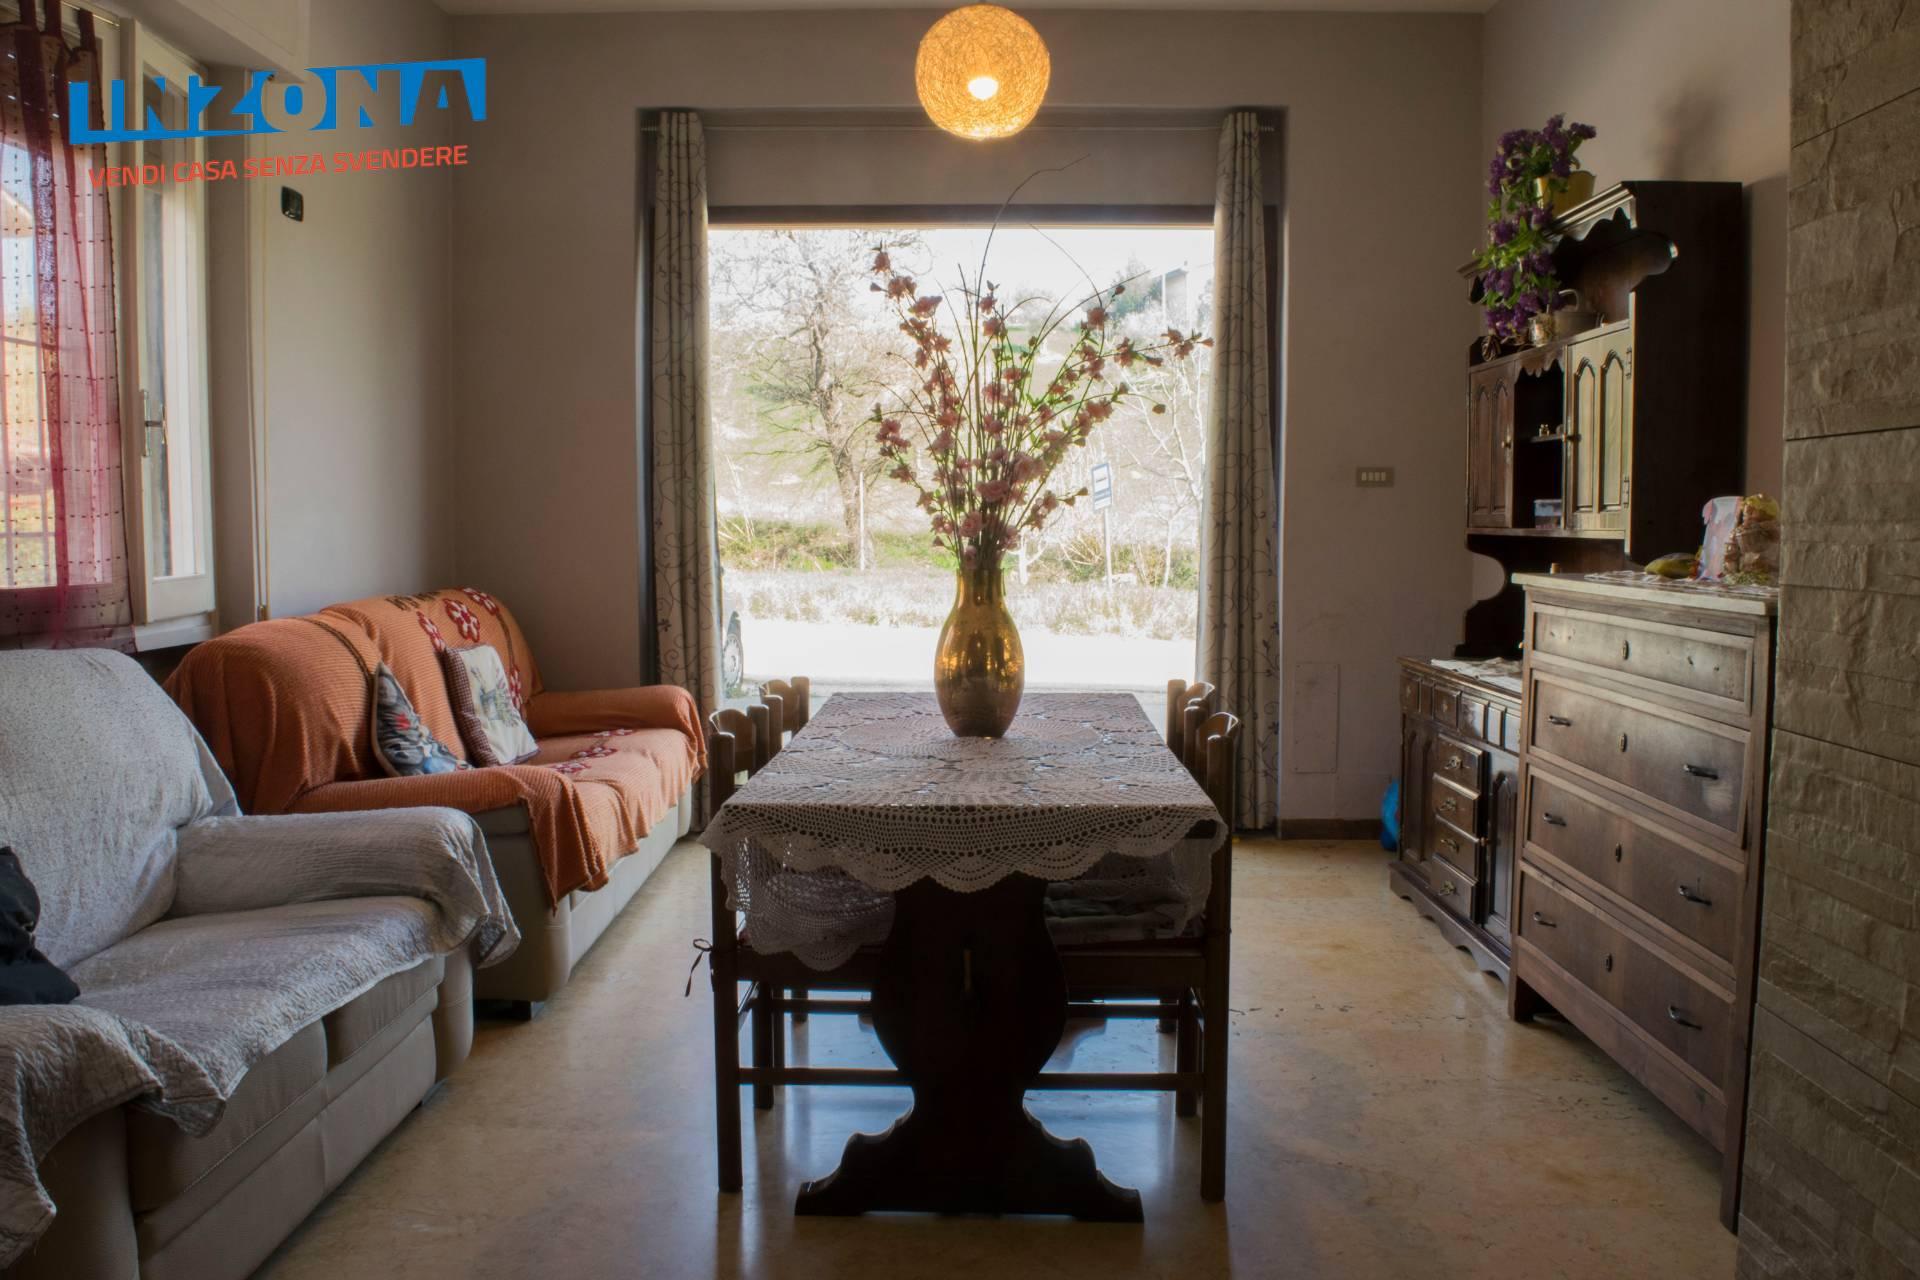 Appartamento in vendita a Montorio al Vomano, 4 locali, zona Zona: Brozzi, prezzo € 53.000 | CambioCasa.it